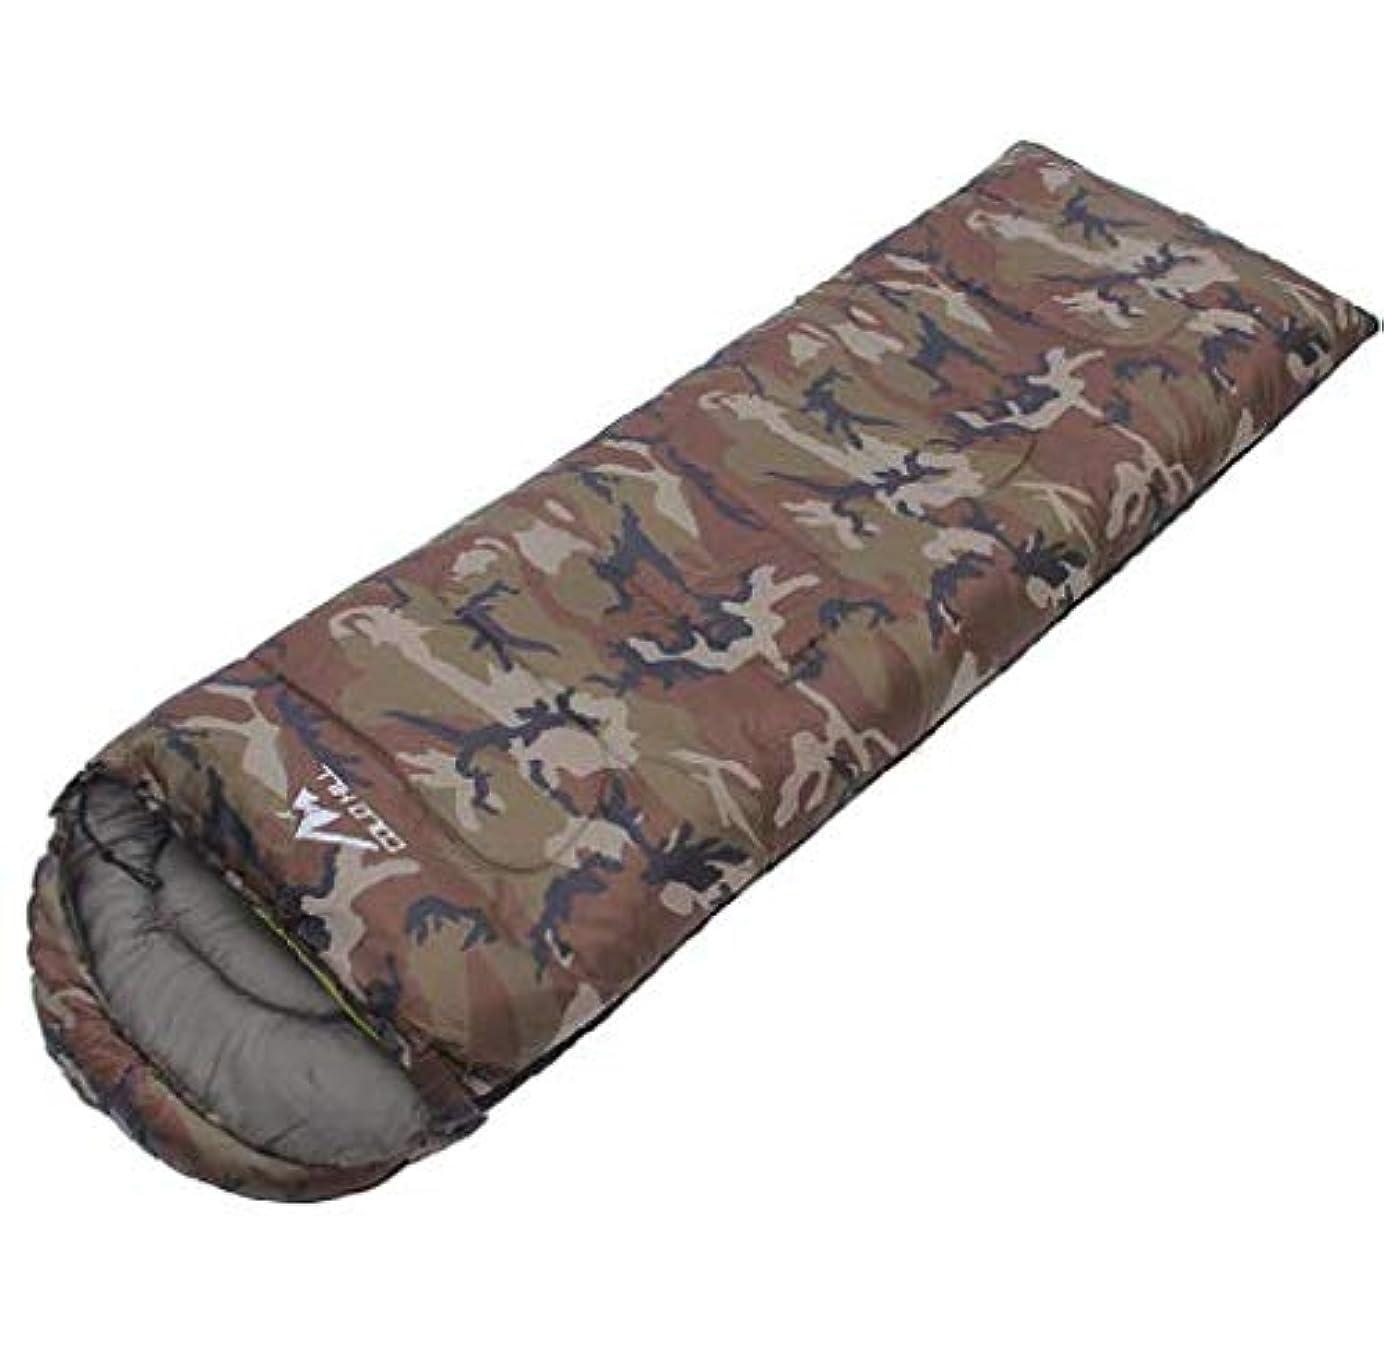 着陸仮定、想定。推測使い込むKYAWJY 屋外の寝袋大人のキャンプキャンプの昼休み暖かい四季寝袋